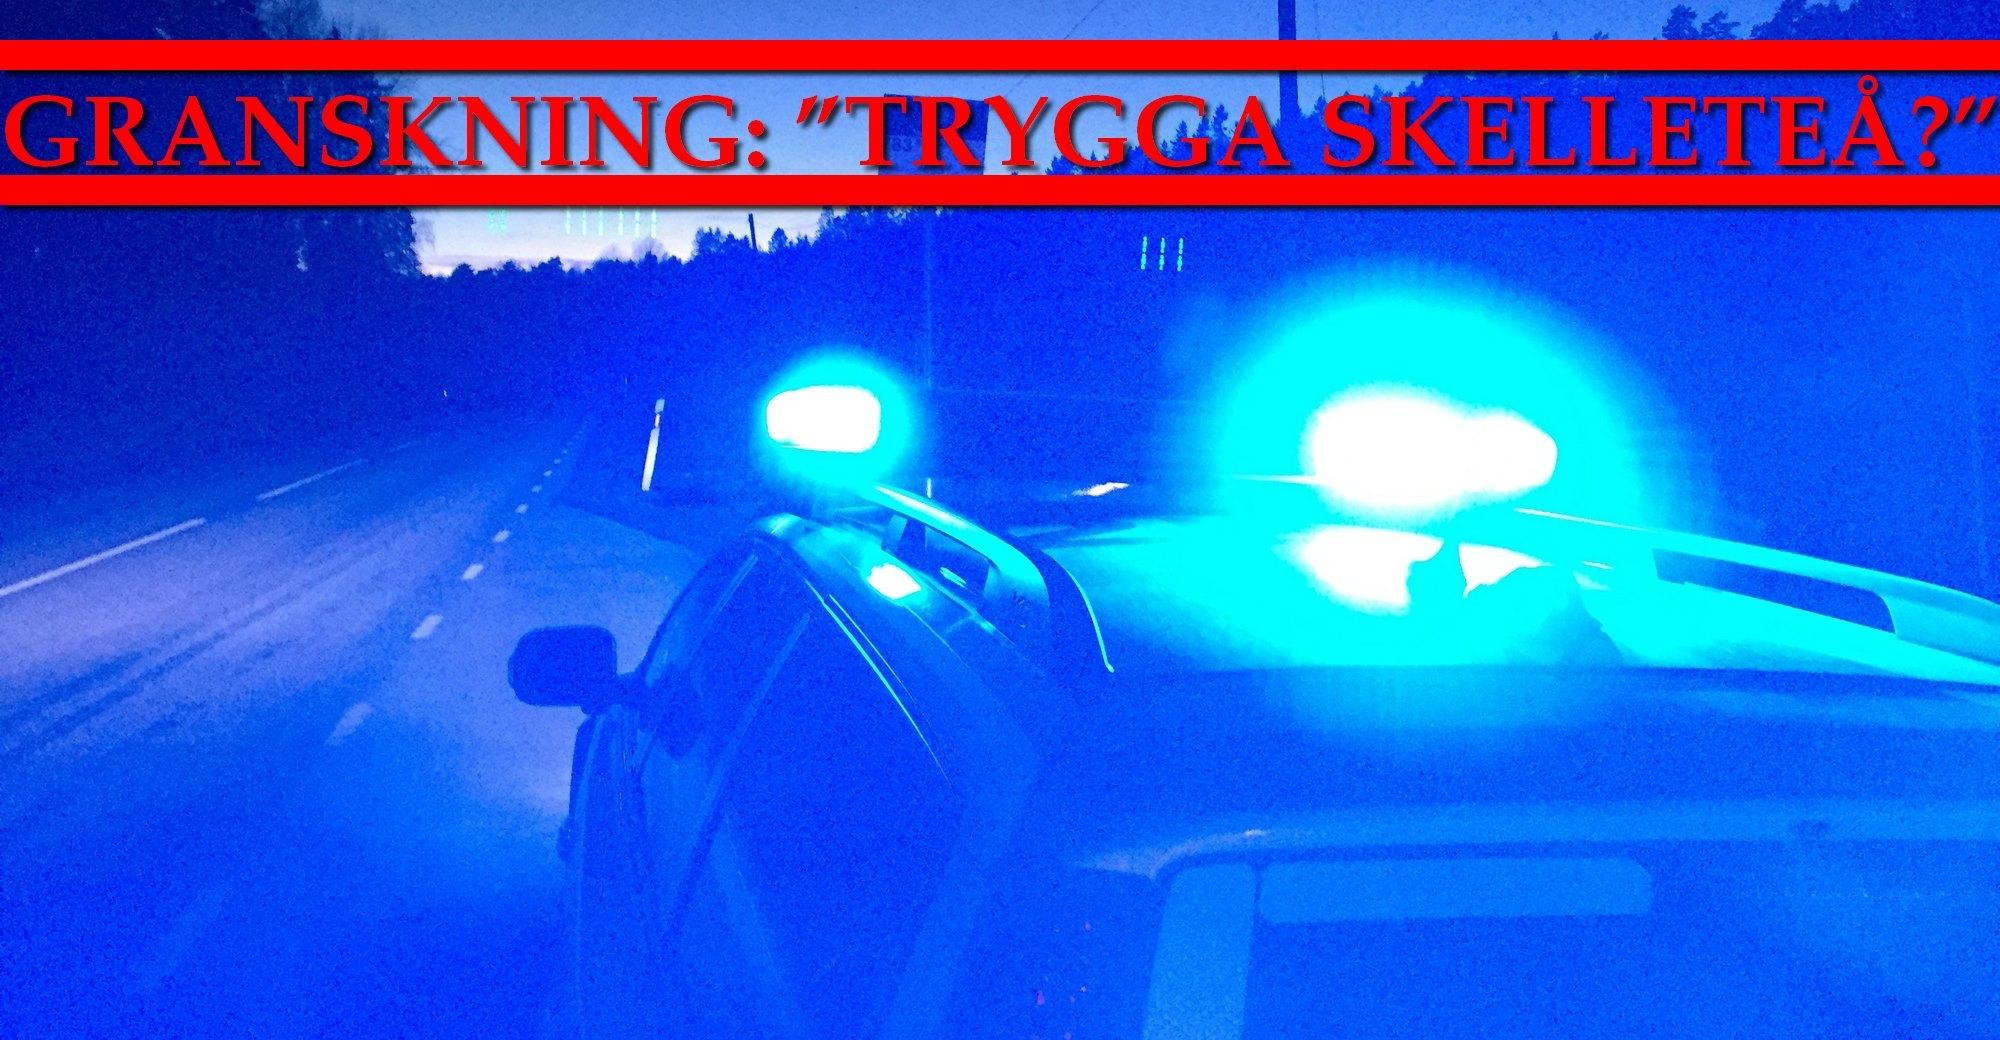 Granskning del 1: Brottsligheten är nu den högsta någonsin i Skellefteå